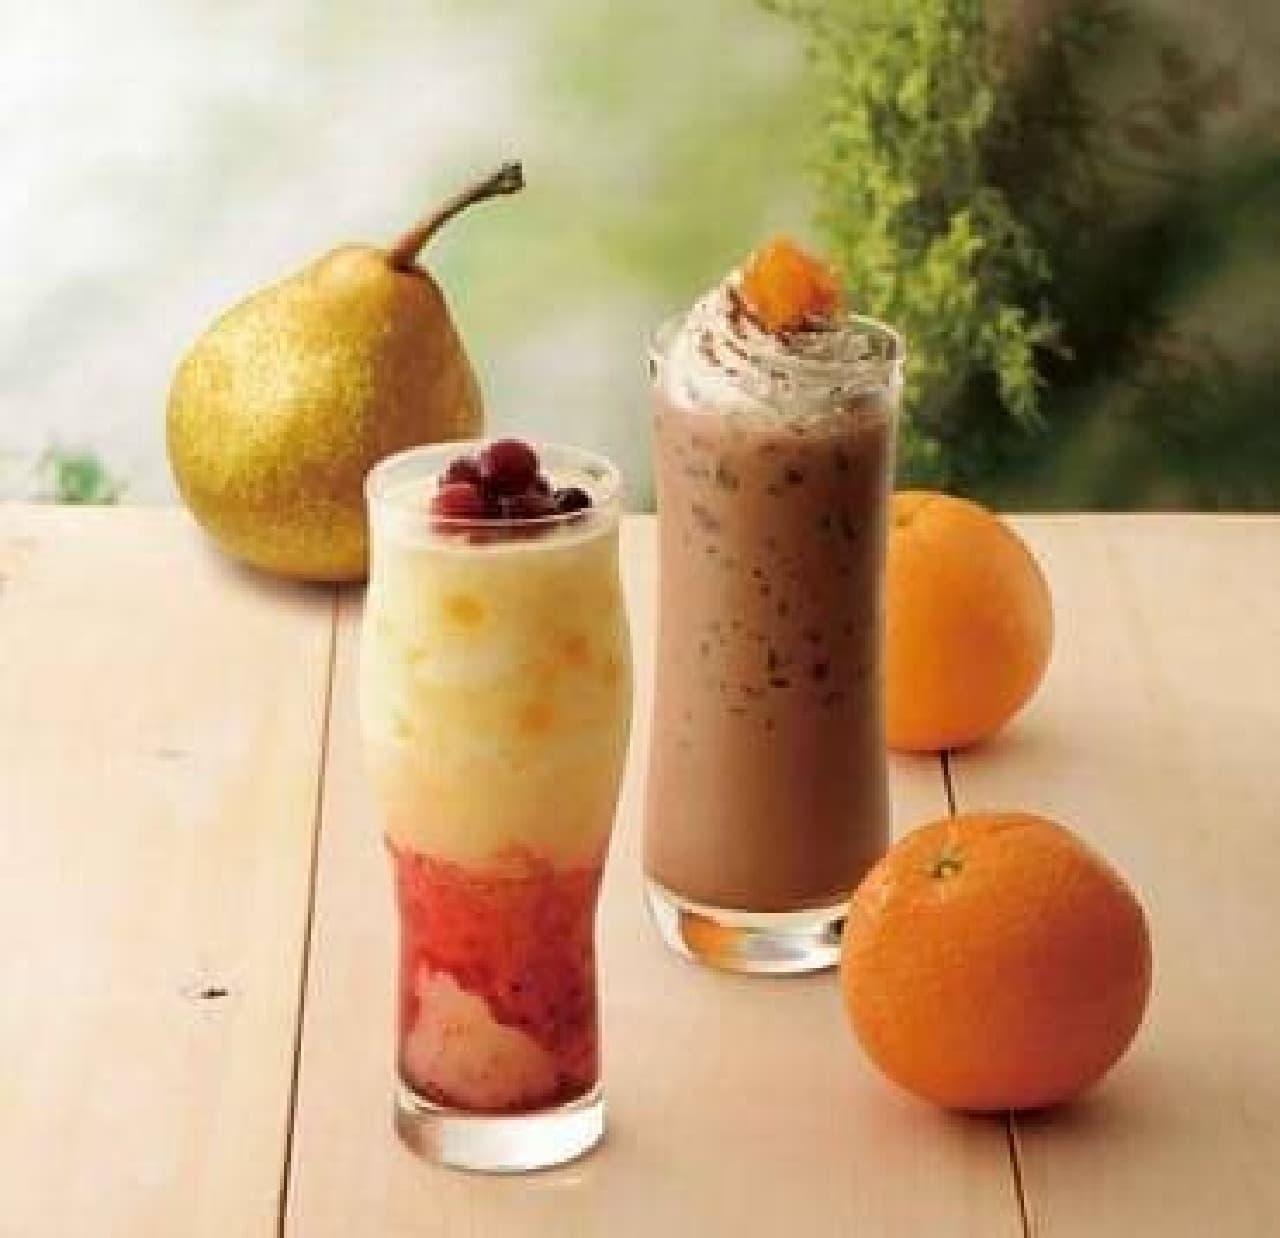 カフェドクリエ「ソルベージュ 洋梨とリンゴ」「アイスココアオランジェ」